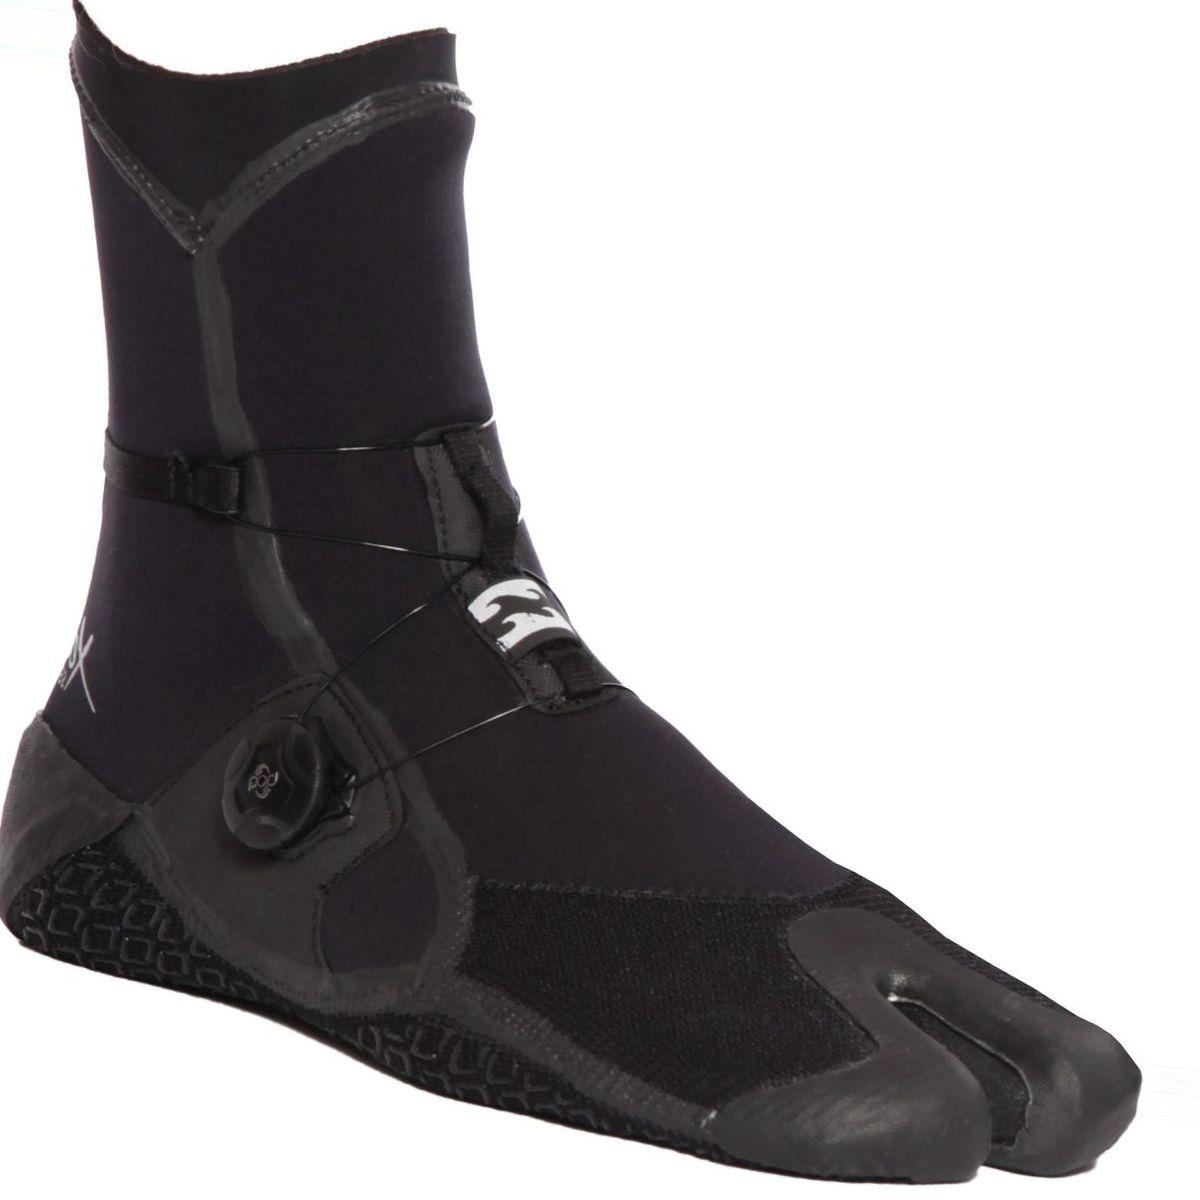 Billabong Furnace Carbon 3mm Boot - Men's